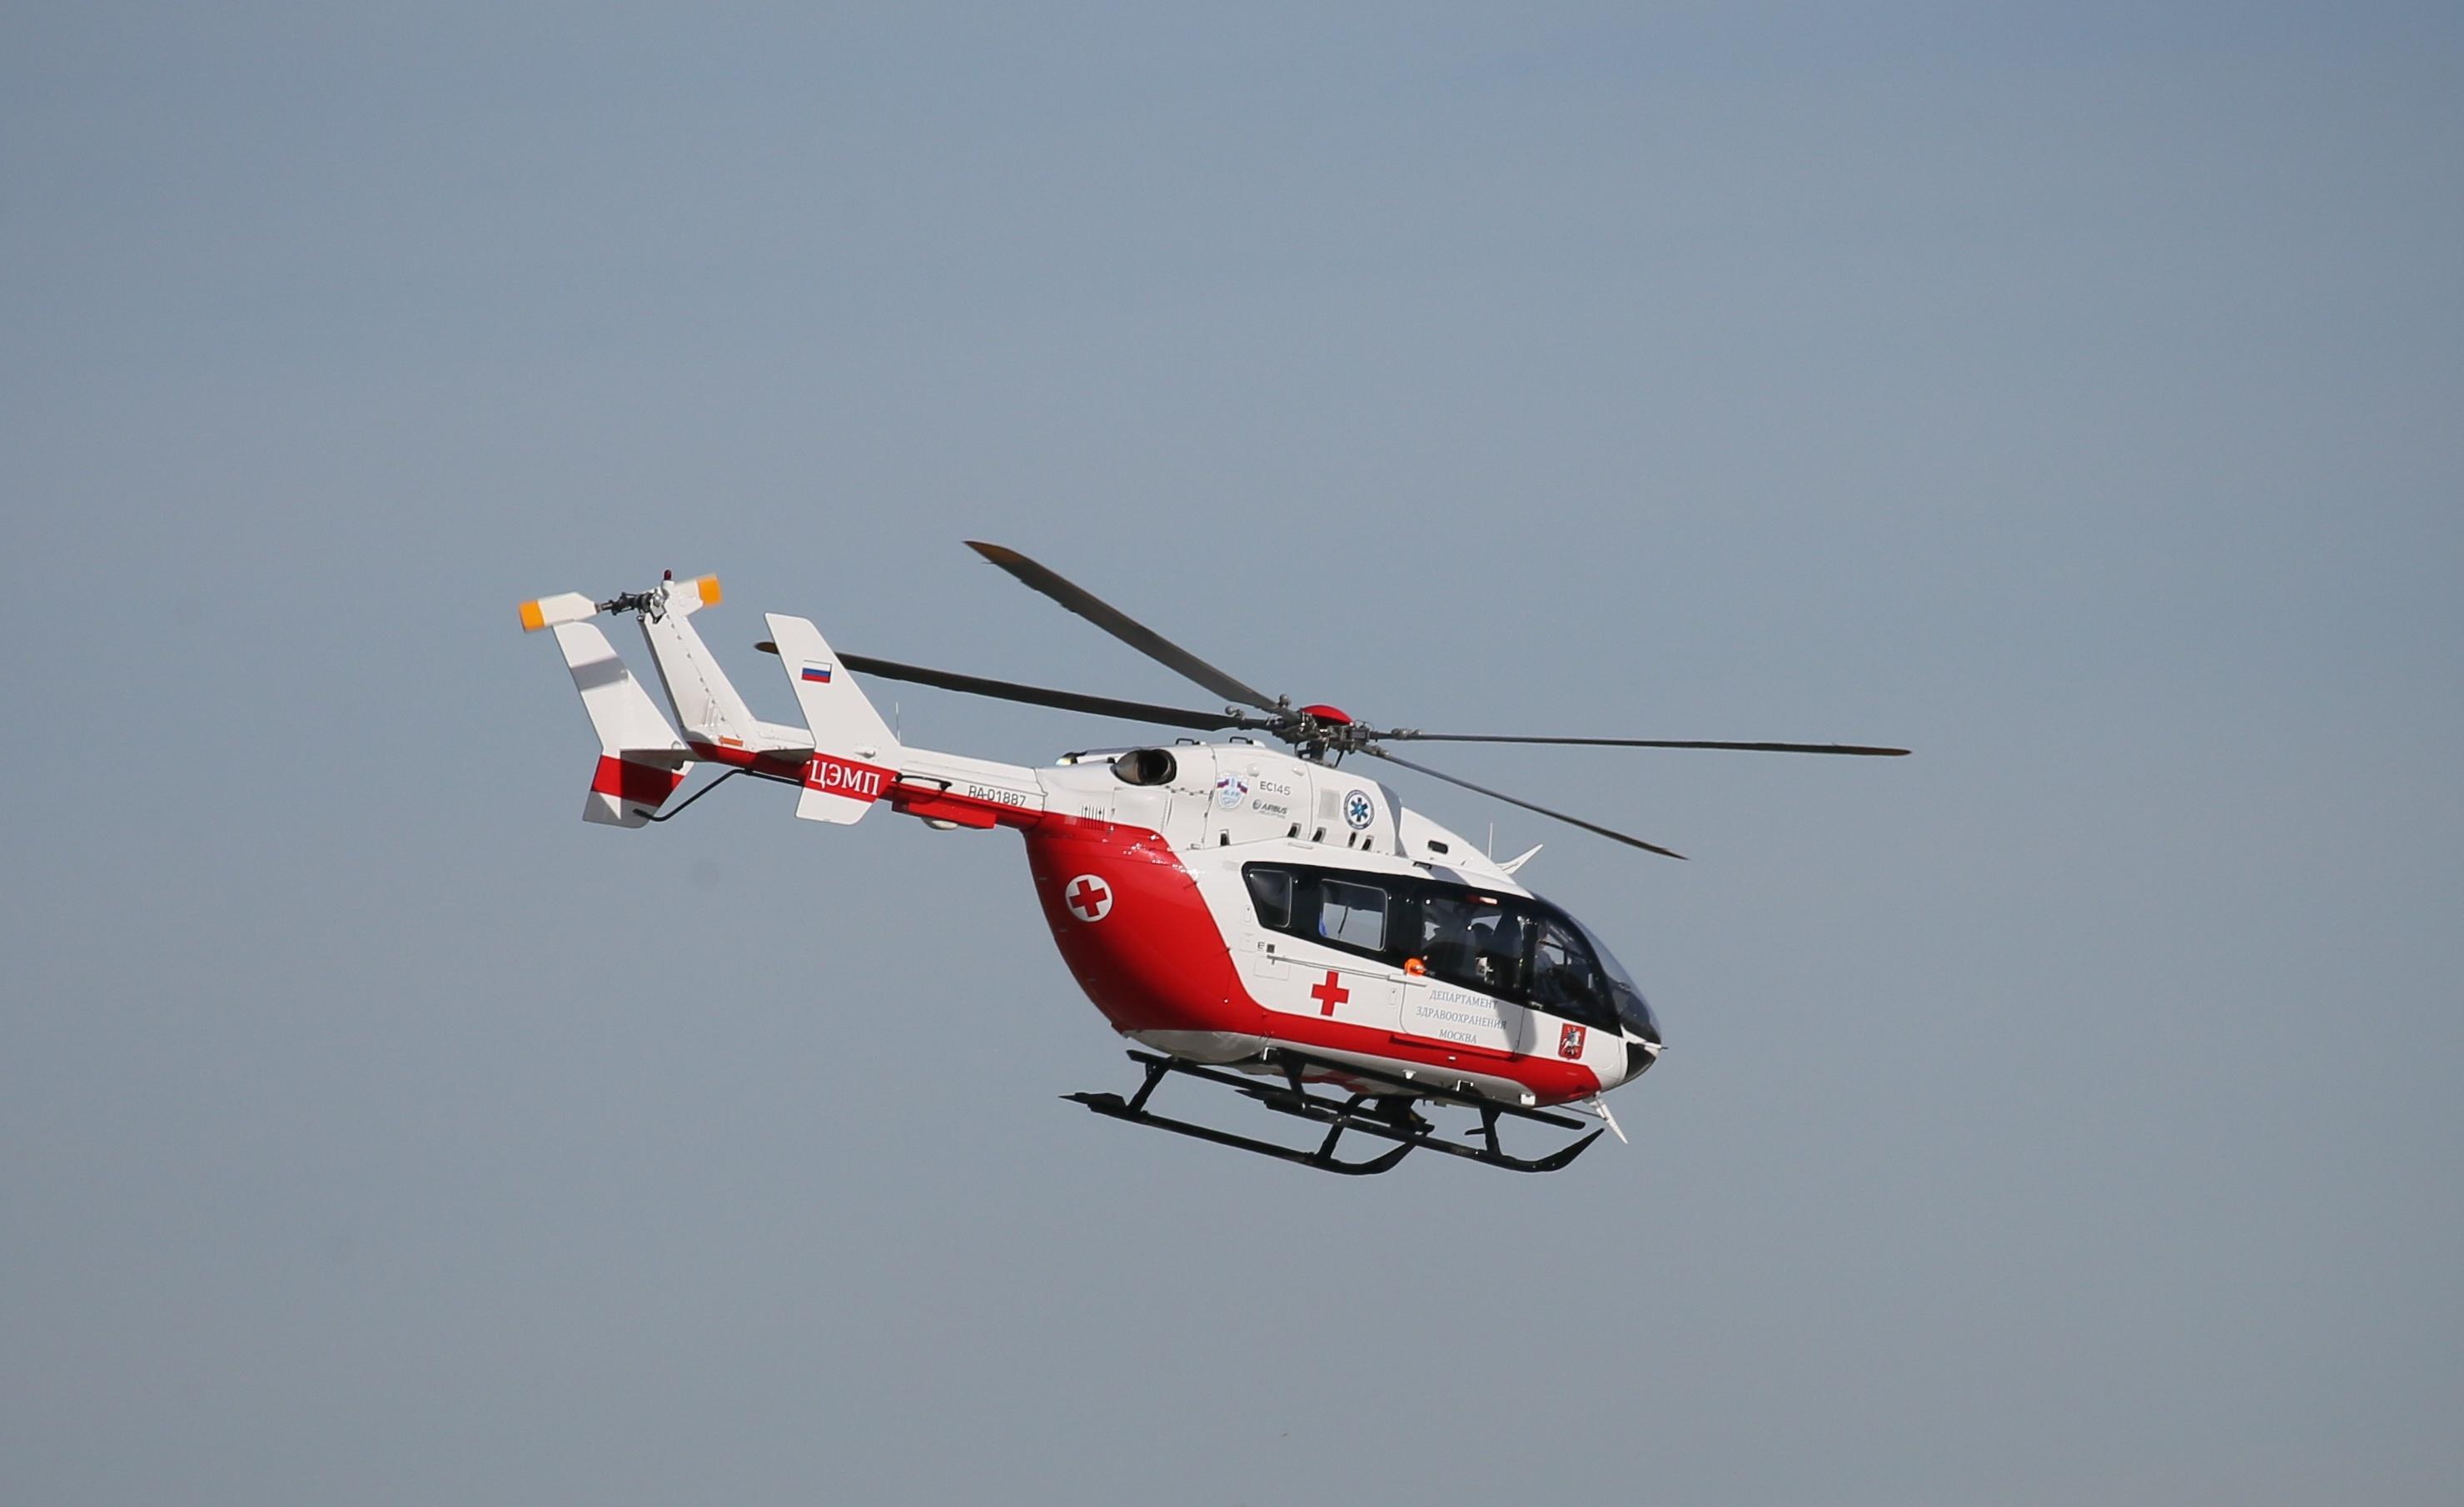 Вертолет эвакуировал пострадавших при дорожно-транспортном происшествии в Новой Москве